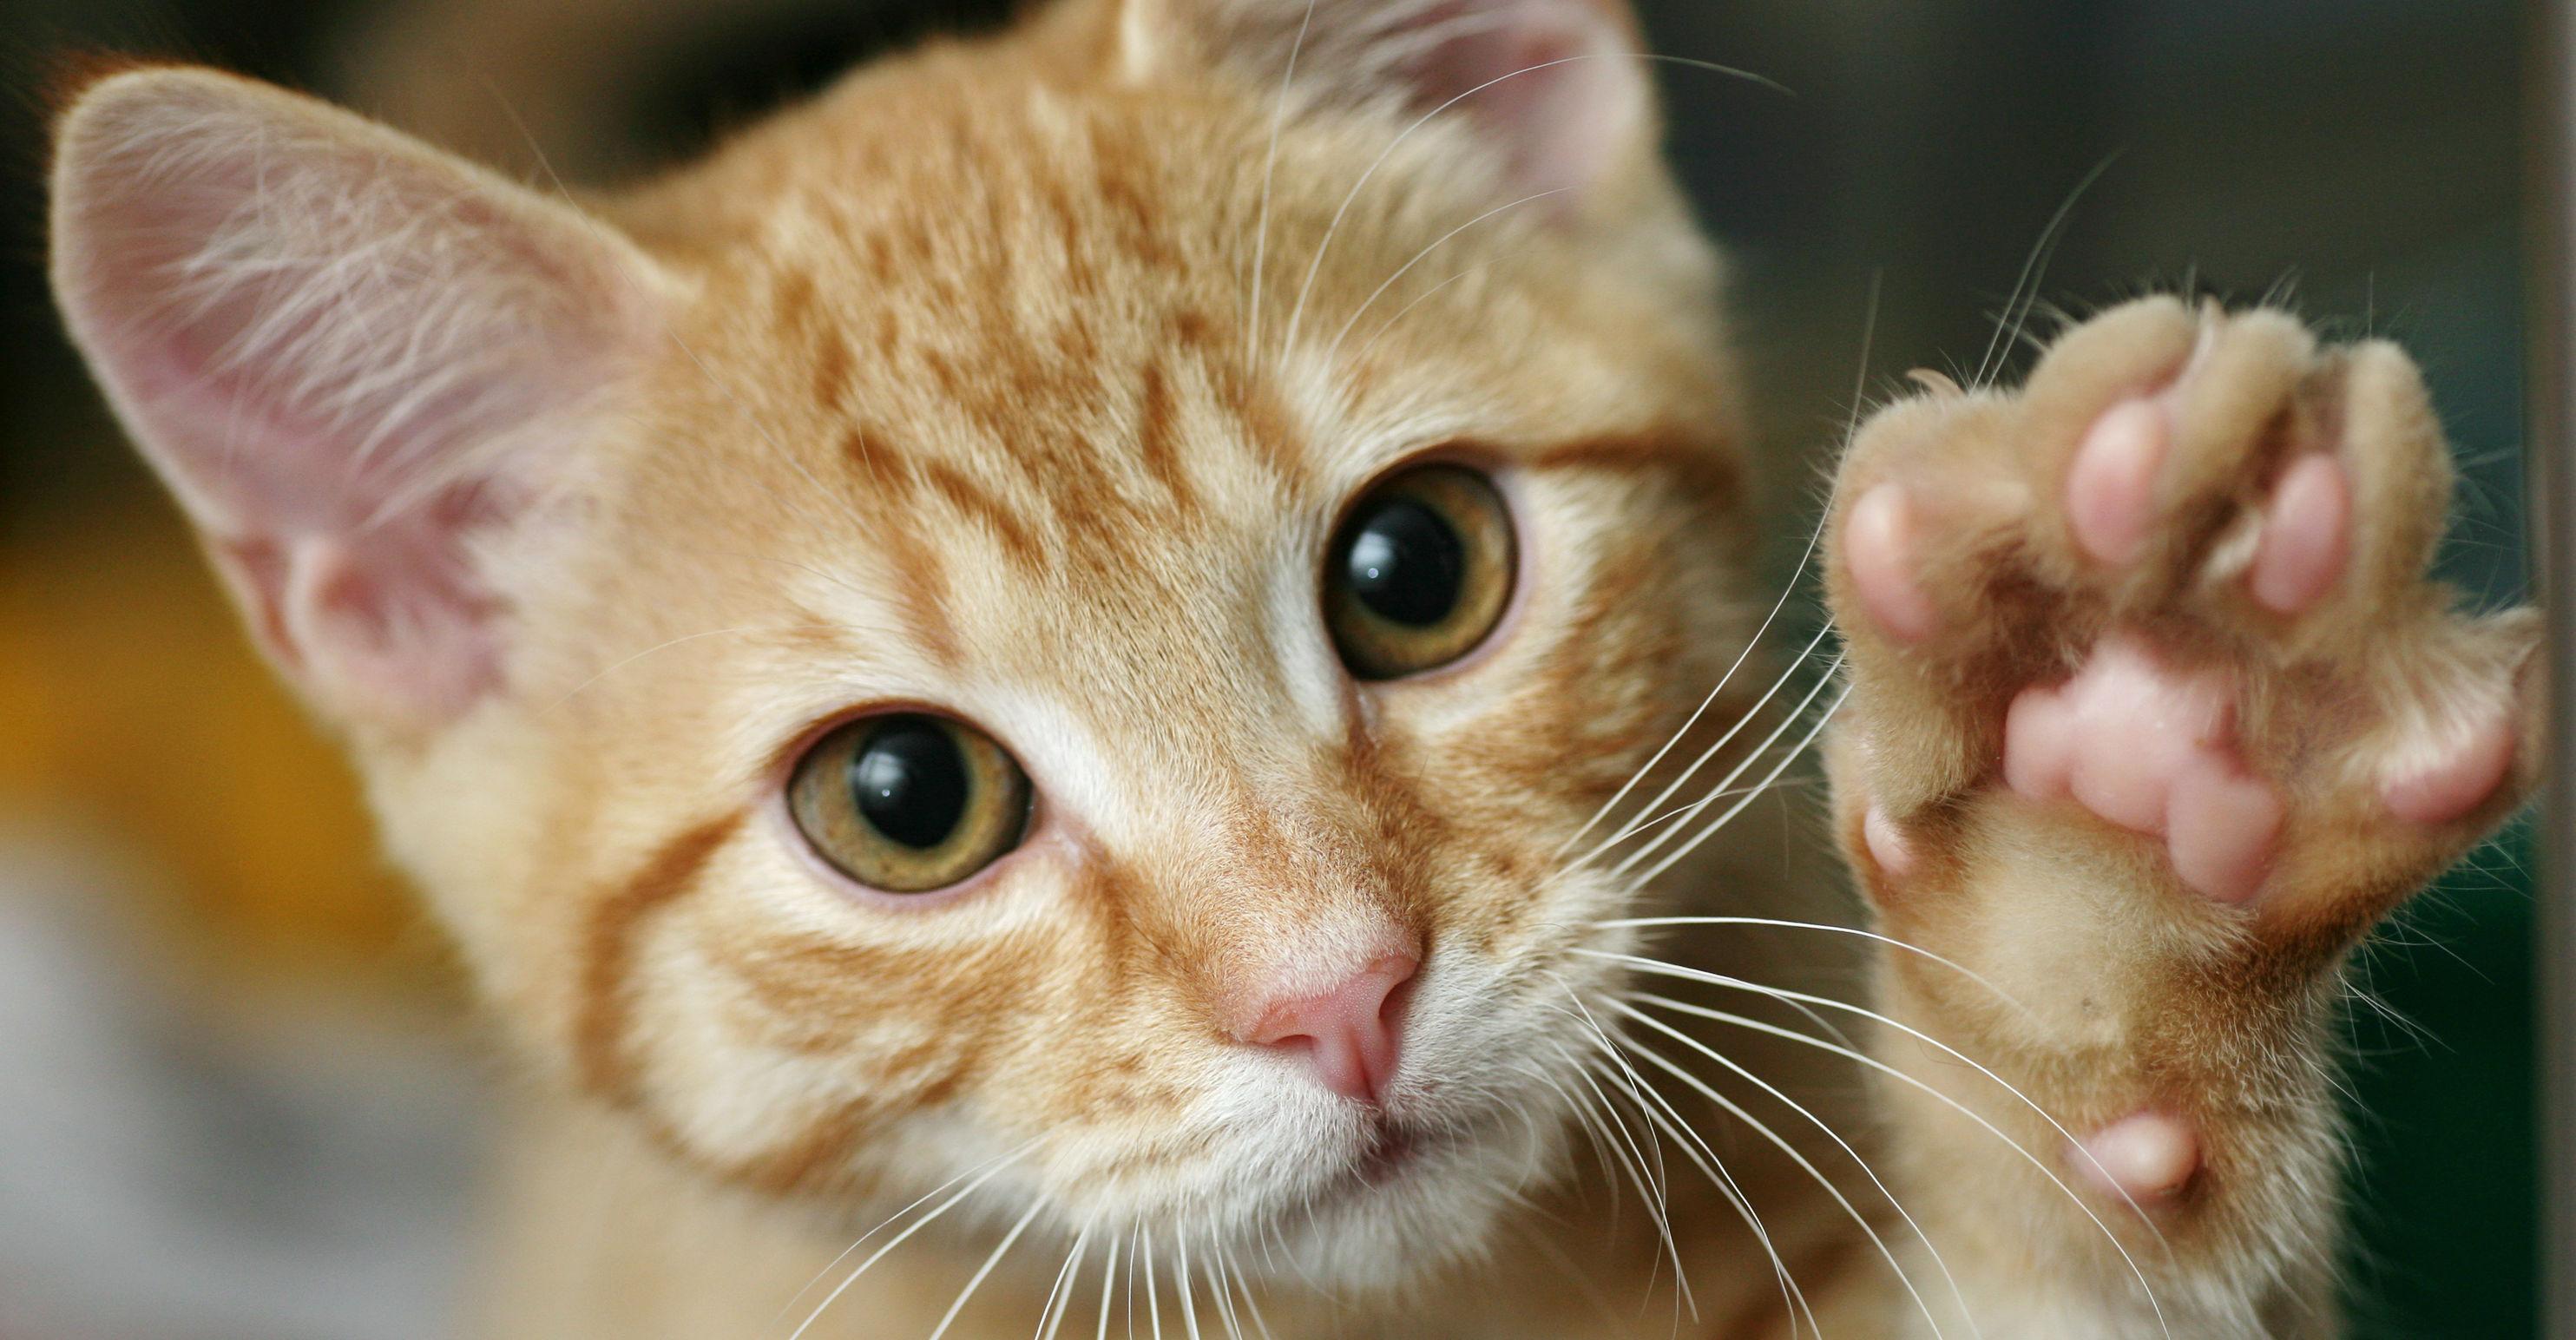 Al igual que ocurre con las mujeres, las gatas pueden sangrar tras el parto o sufrir un aborto (Foto: iStock)